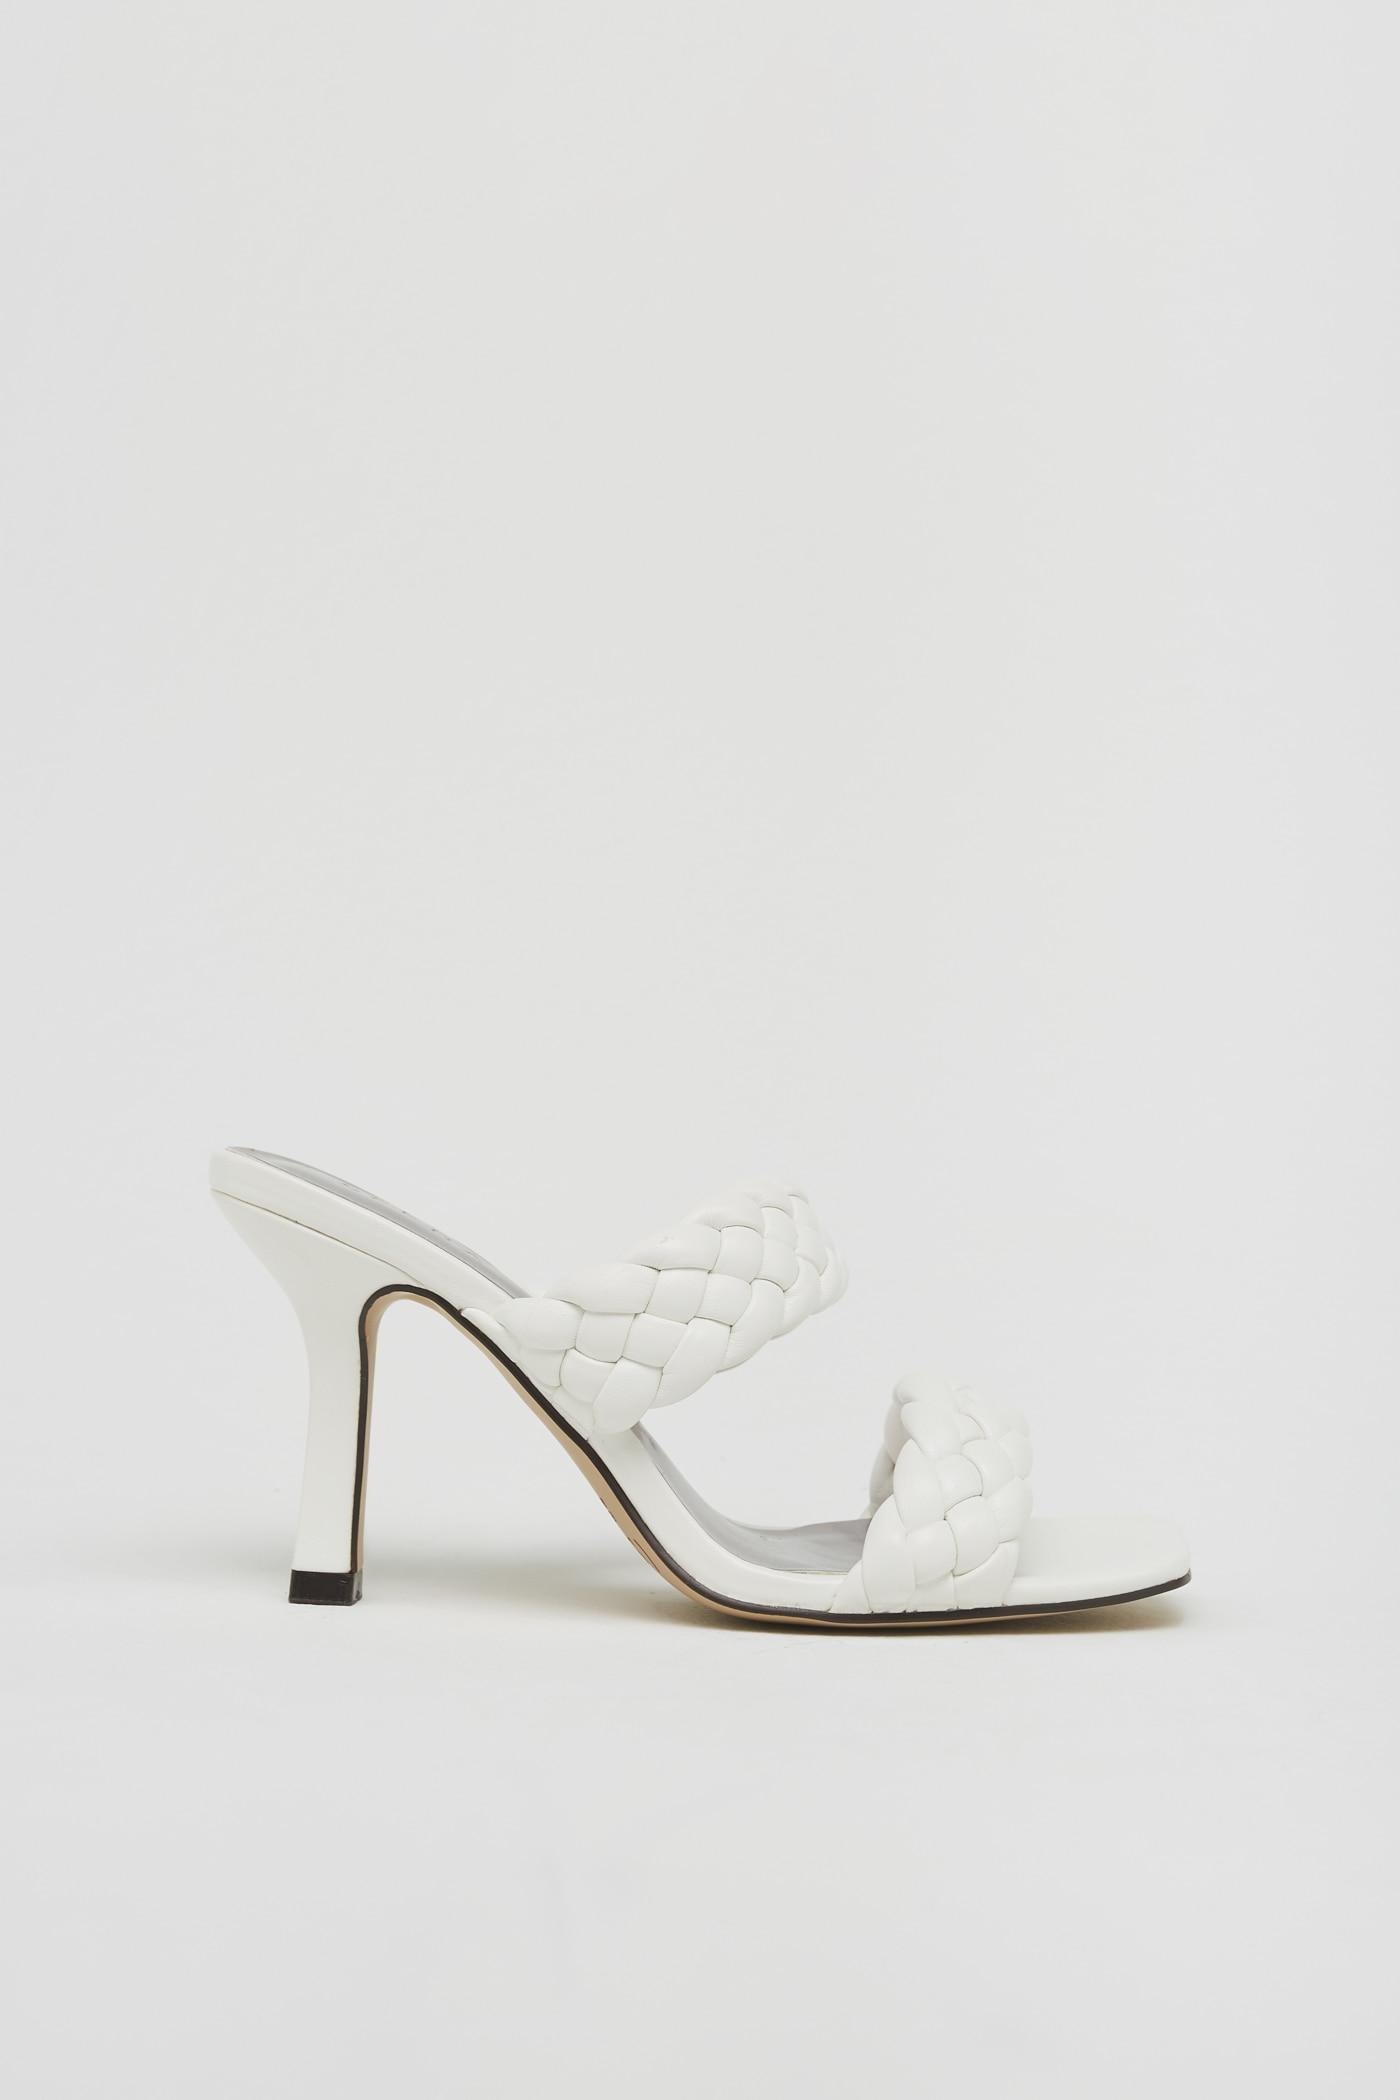 Amor a primera vista sentirás por las sandalias de Sfera inspiradas en Bottega Veneta